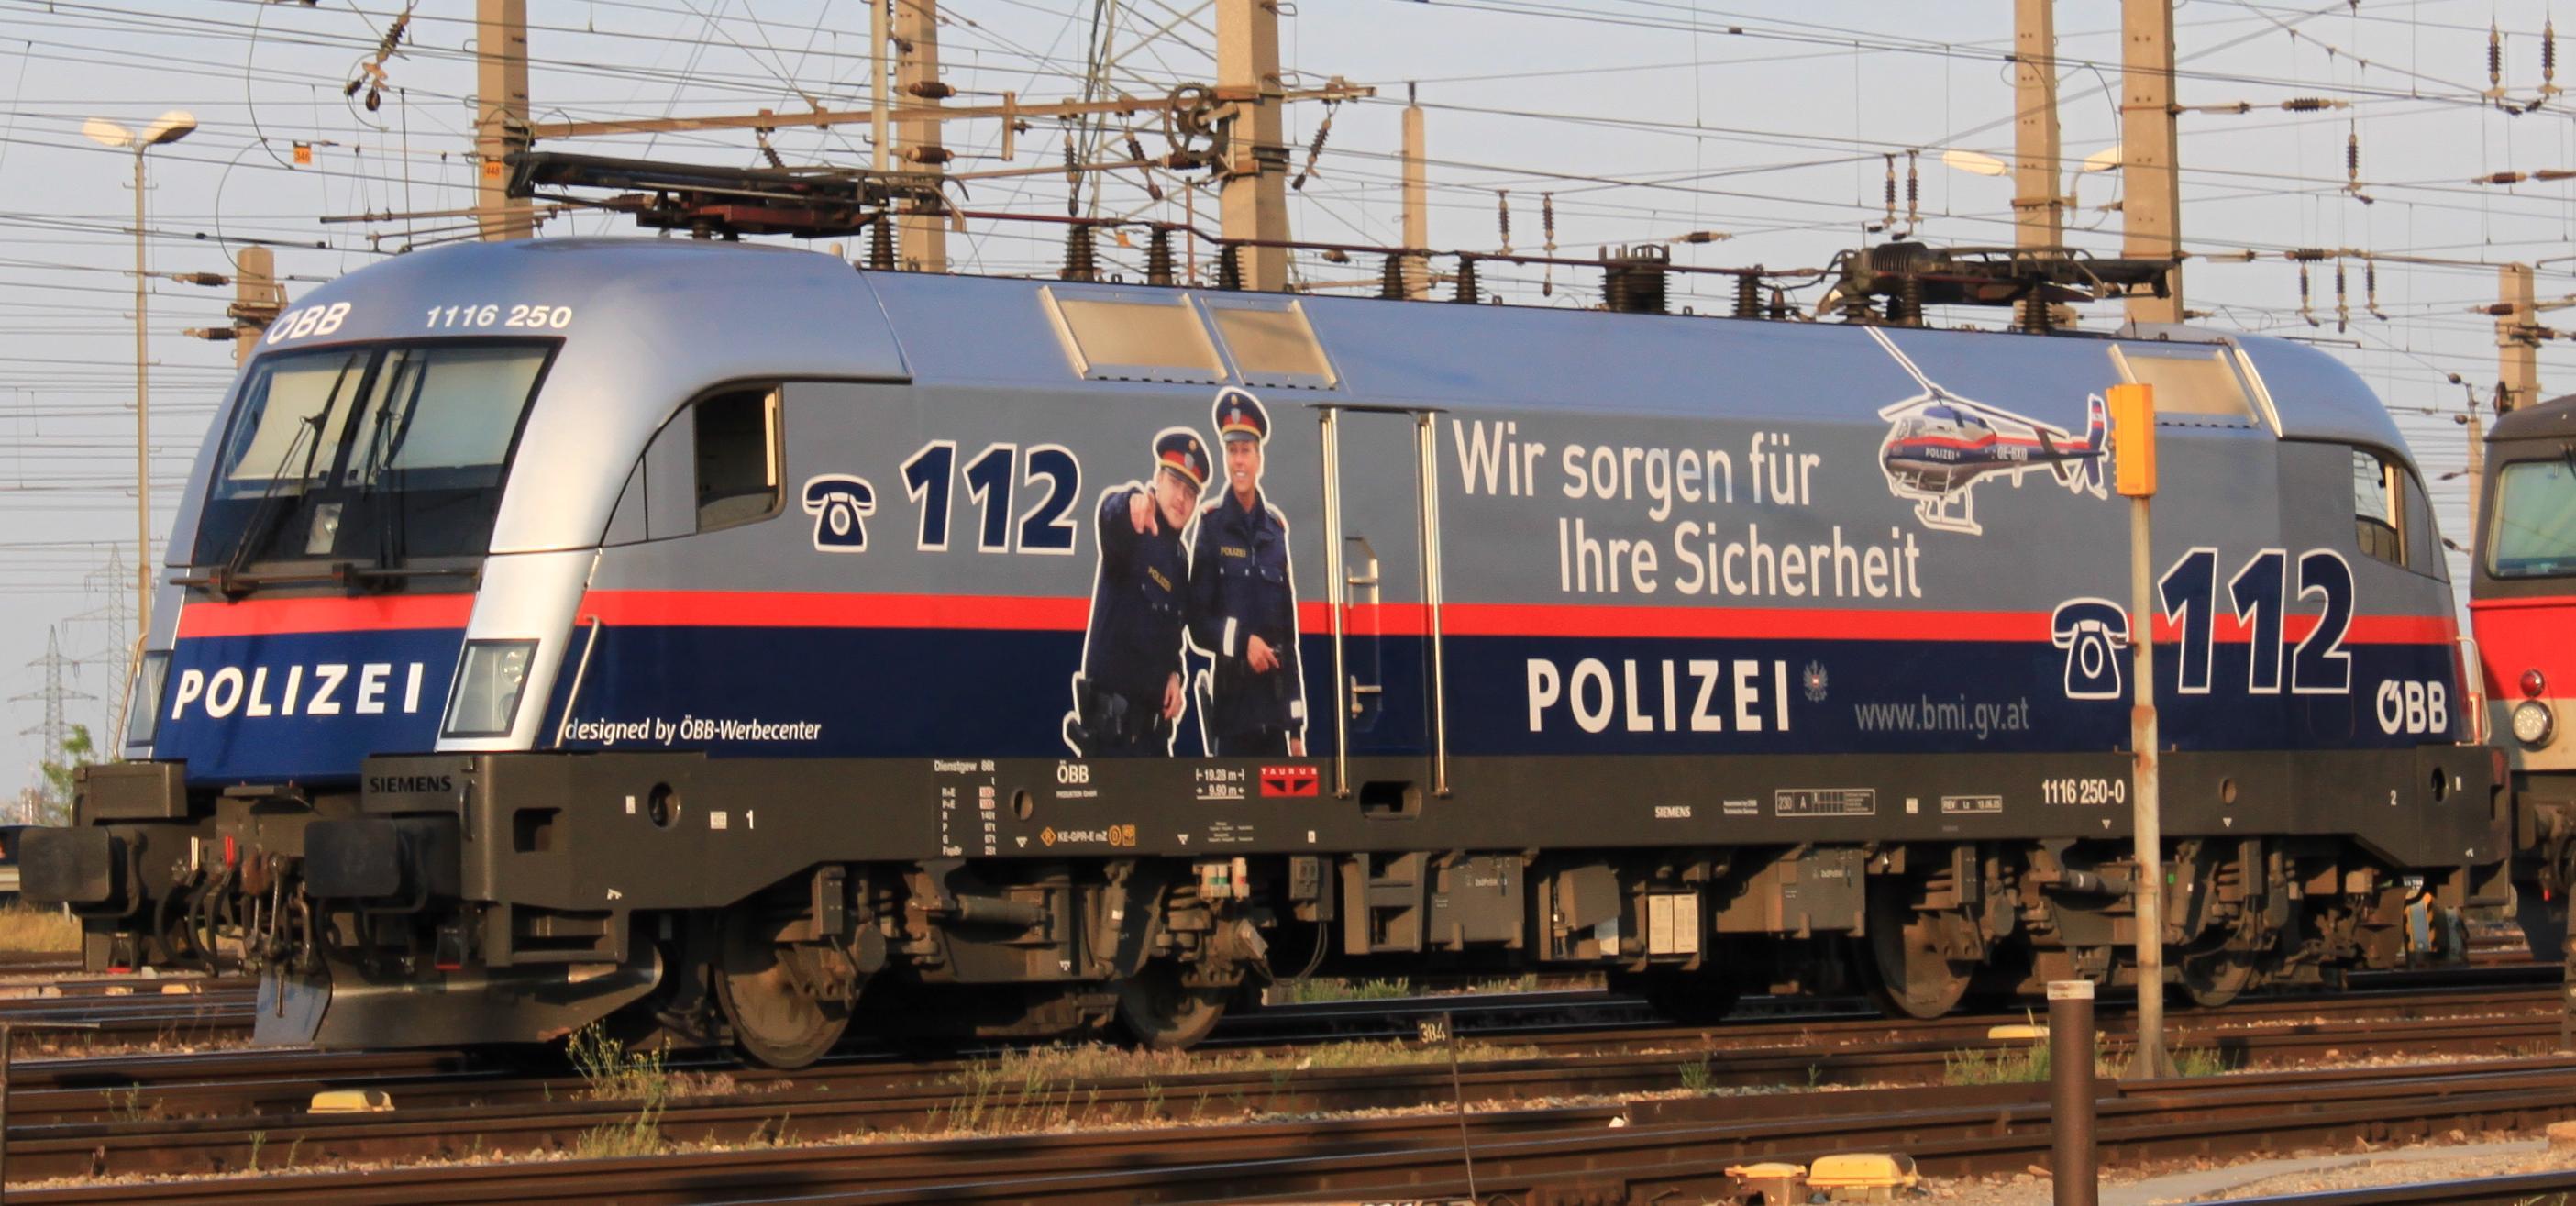 File:ÖBB 1116 250 Polizei.JPG